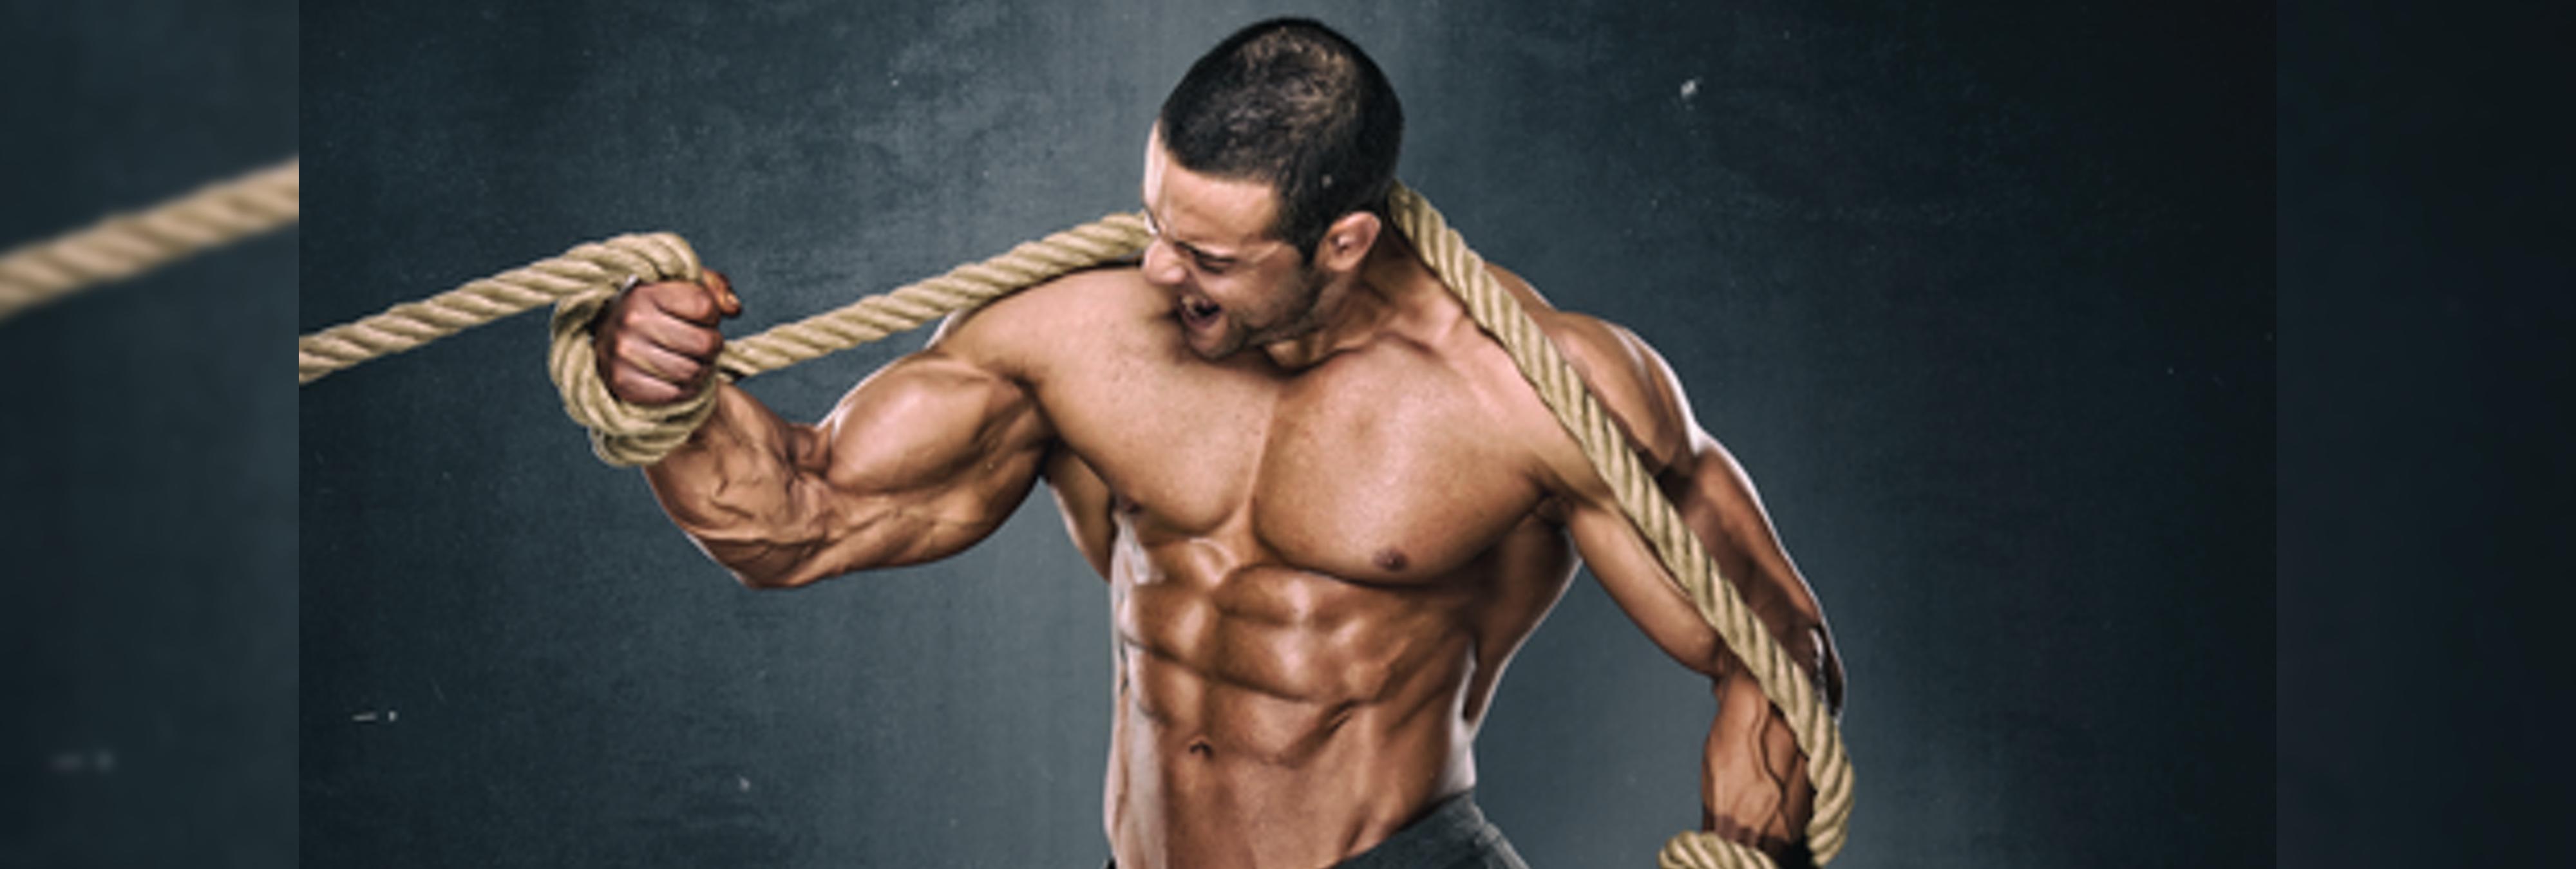 Varios deportistas se unen para acabar con la imposición de la masculinidad